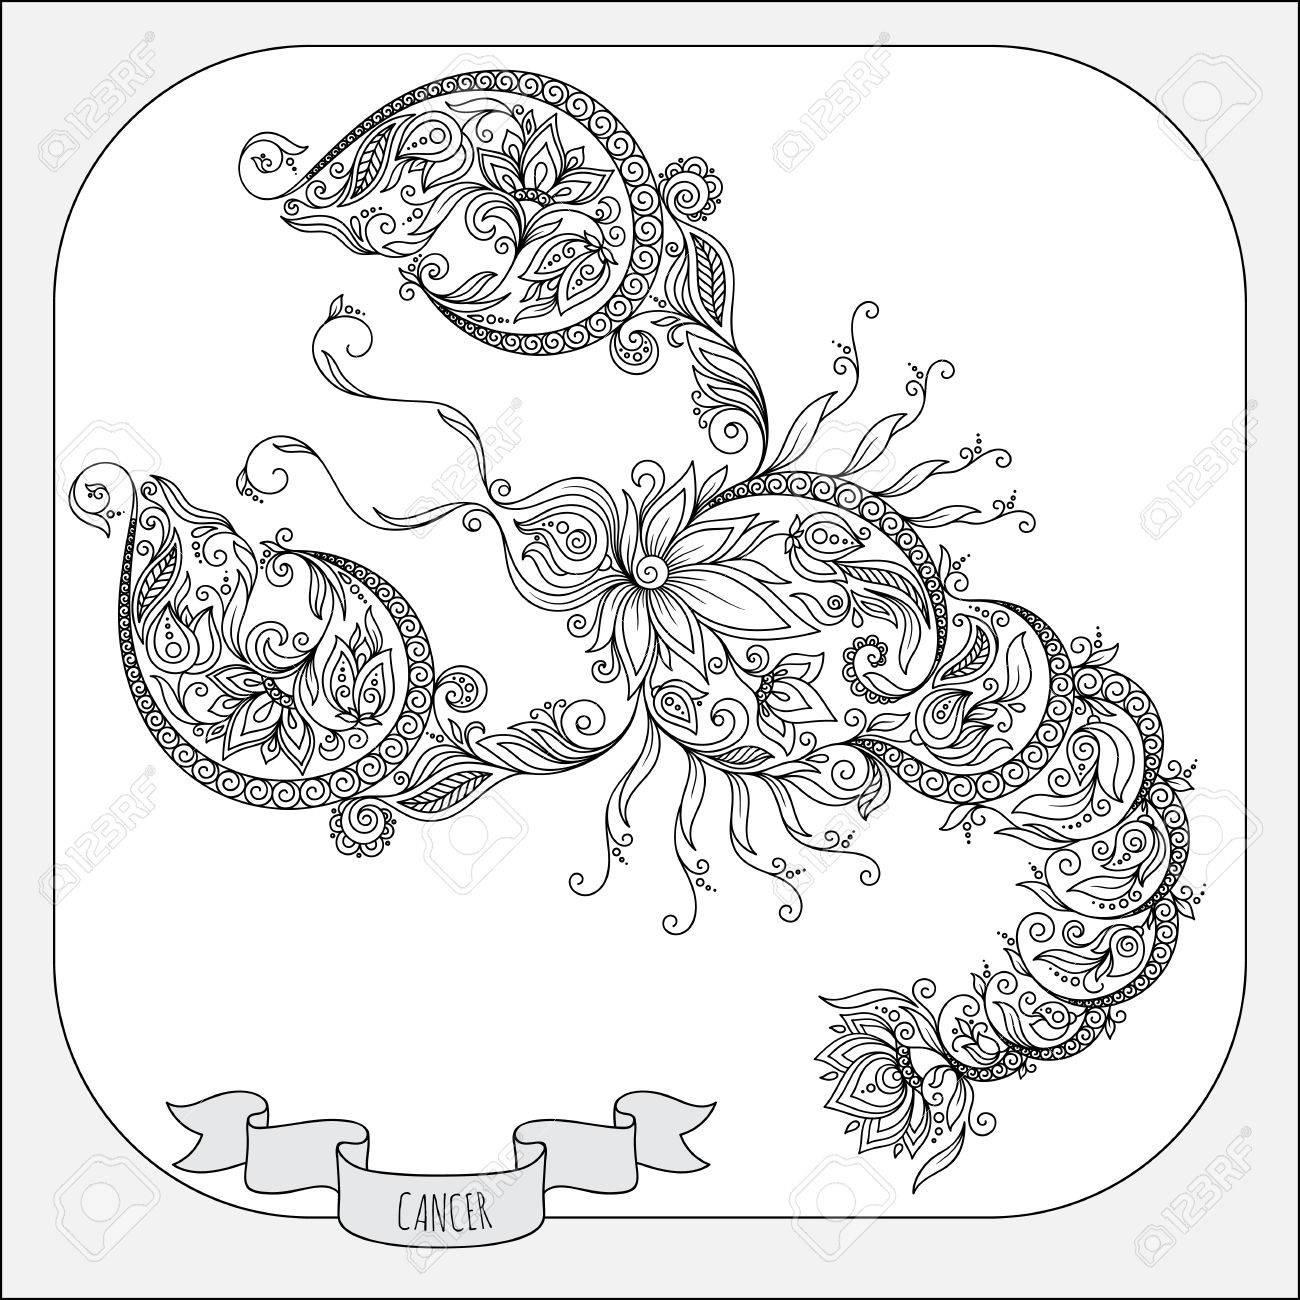 Modelo Para El Libro Para Colorear. Dibujado A Mano Línea De Flores ...